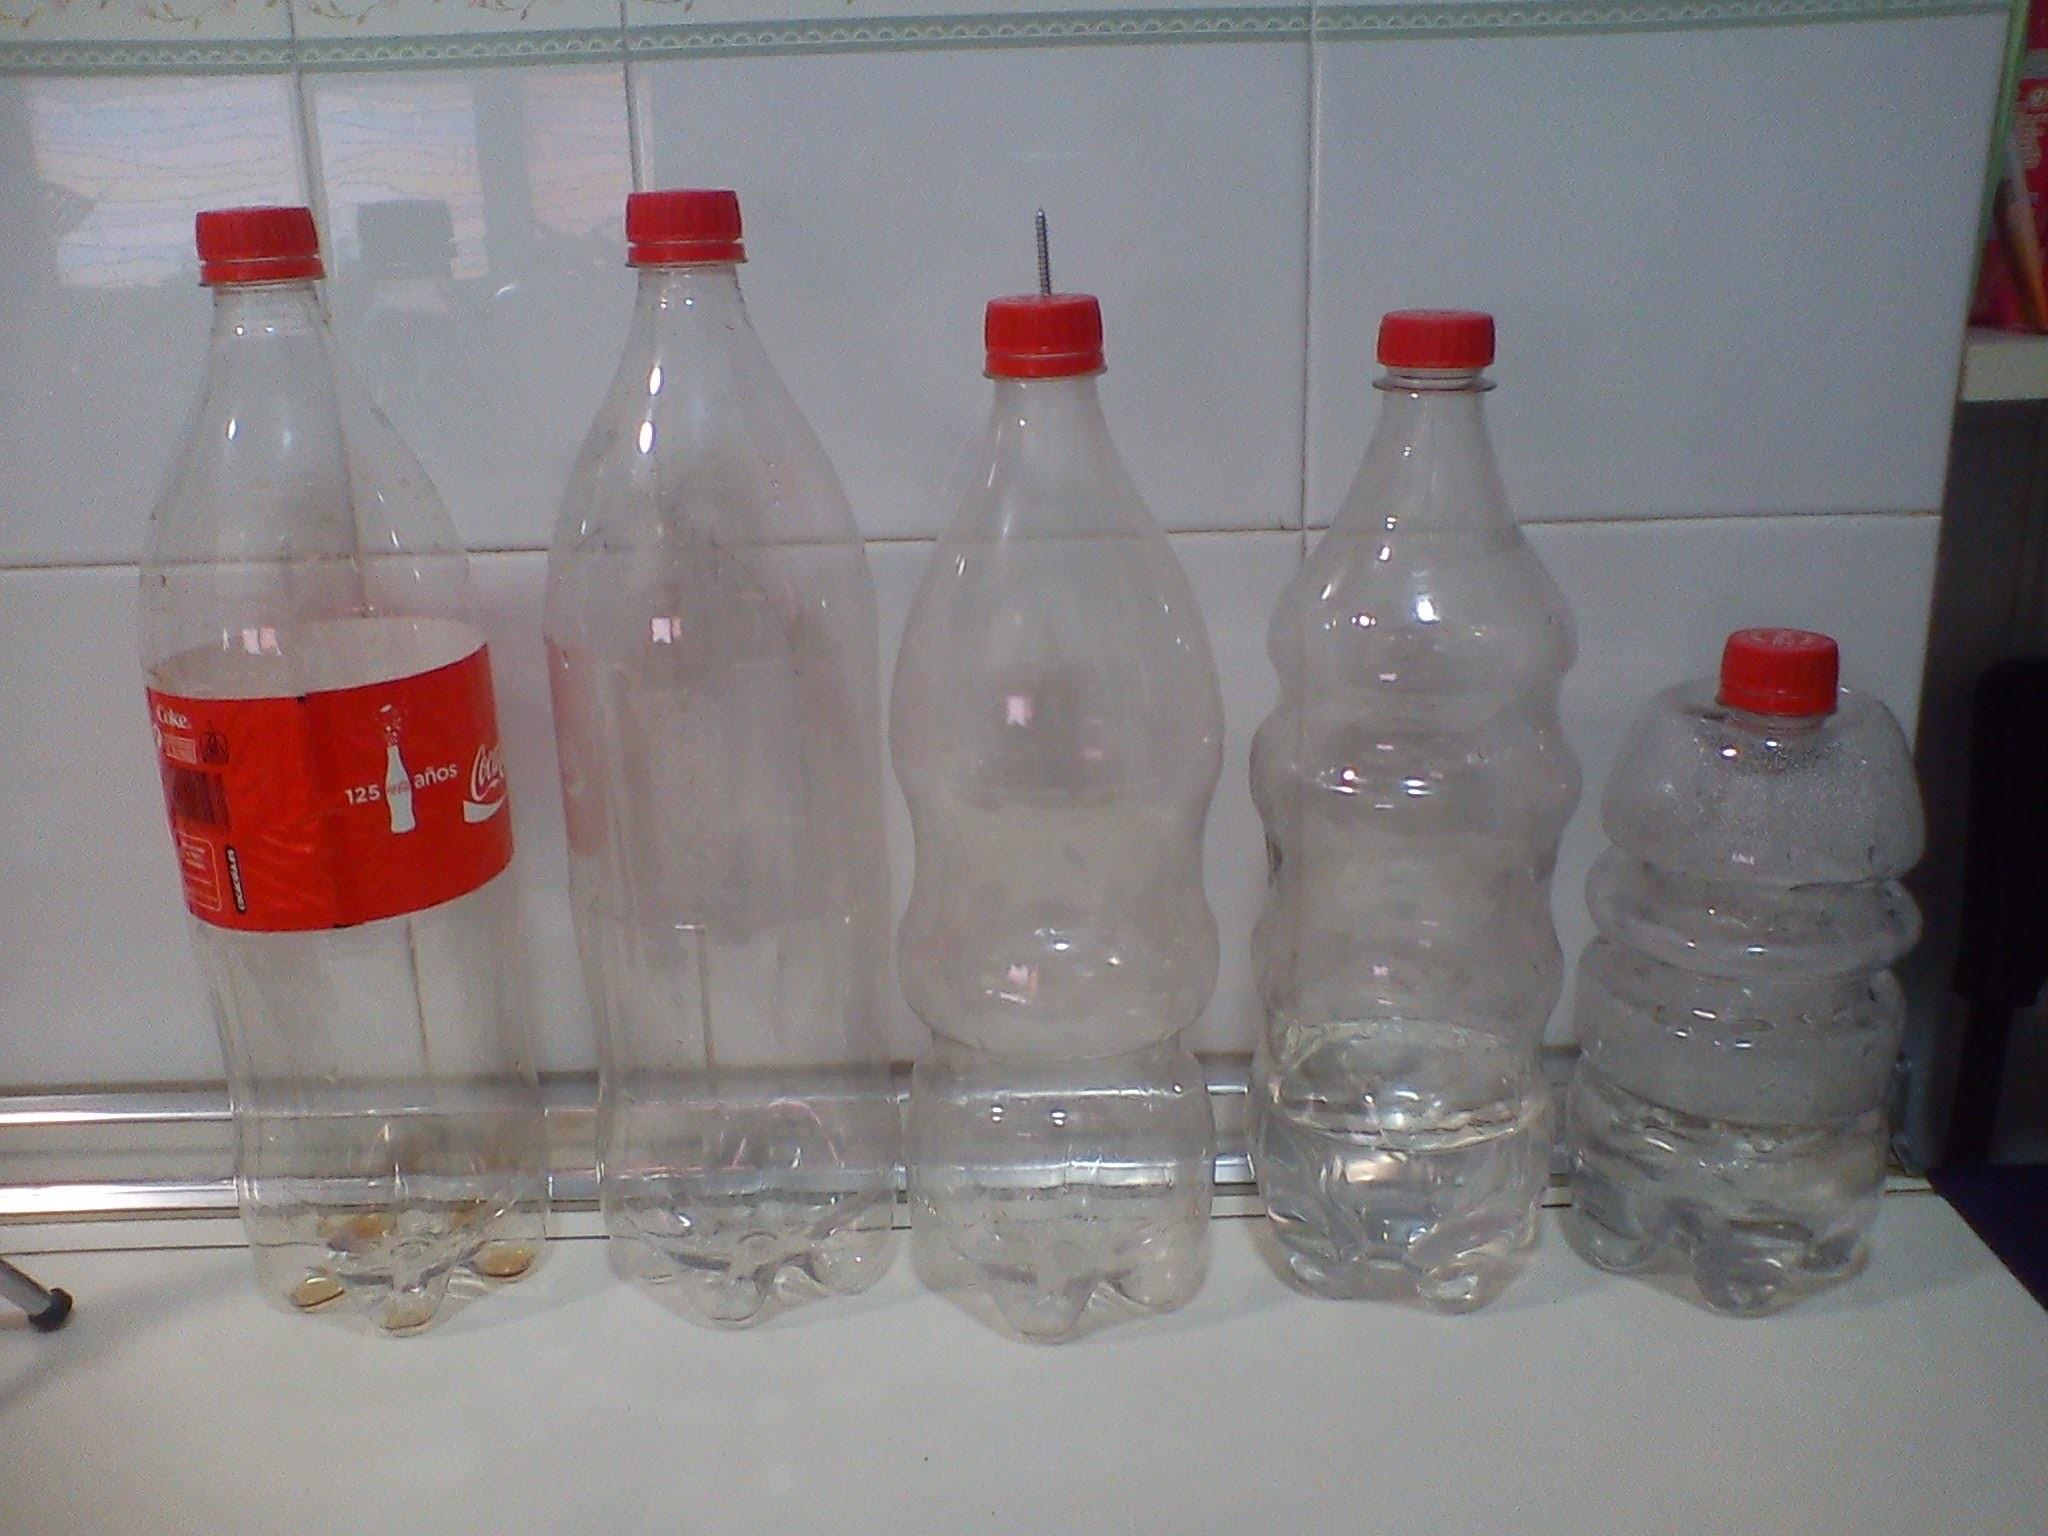 RECICLAJE DE BOTELLAS DE PLASTICO .RECYCLING PLASTIC BOTTLES.